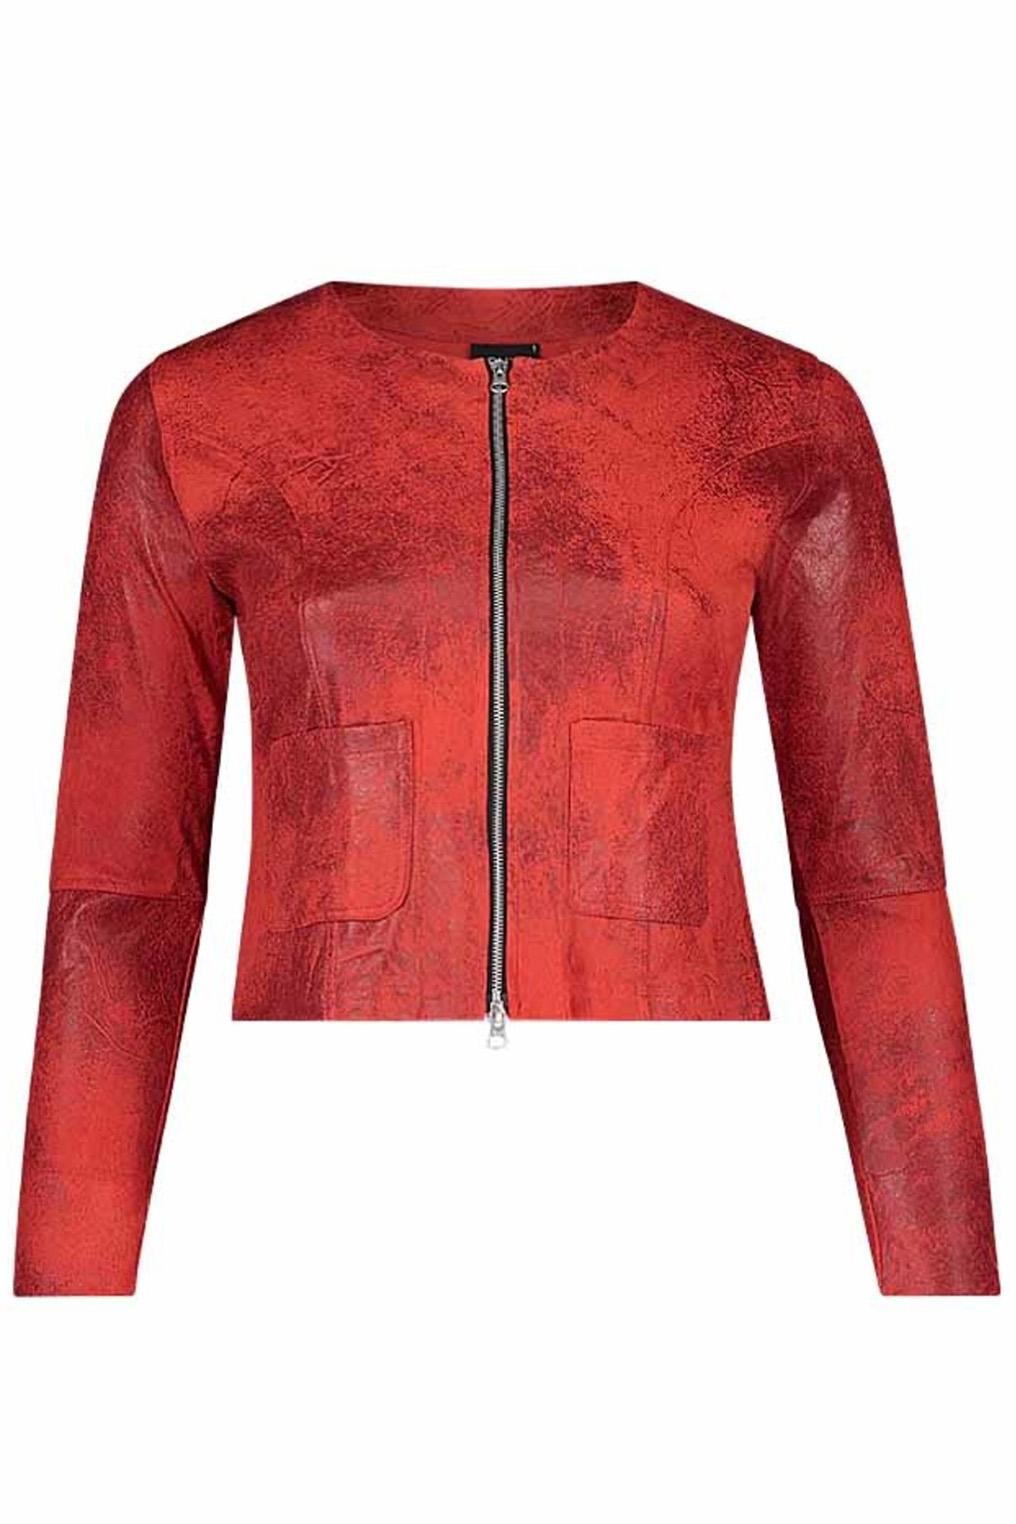 Jas Lara vintage leather Ophilia